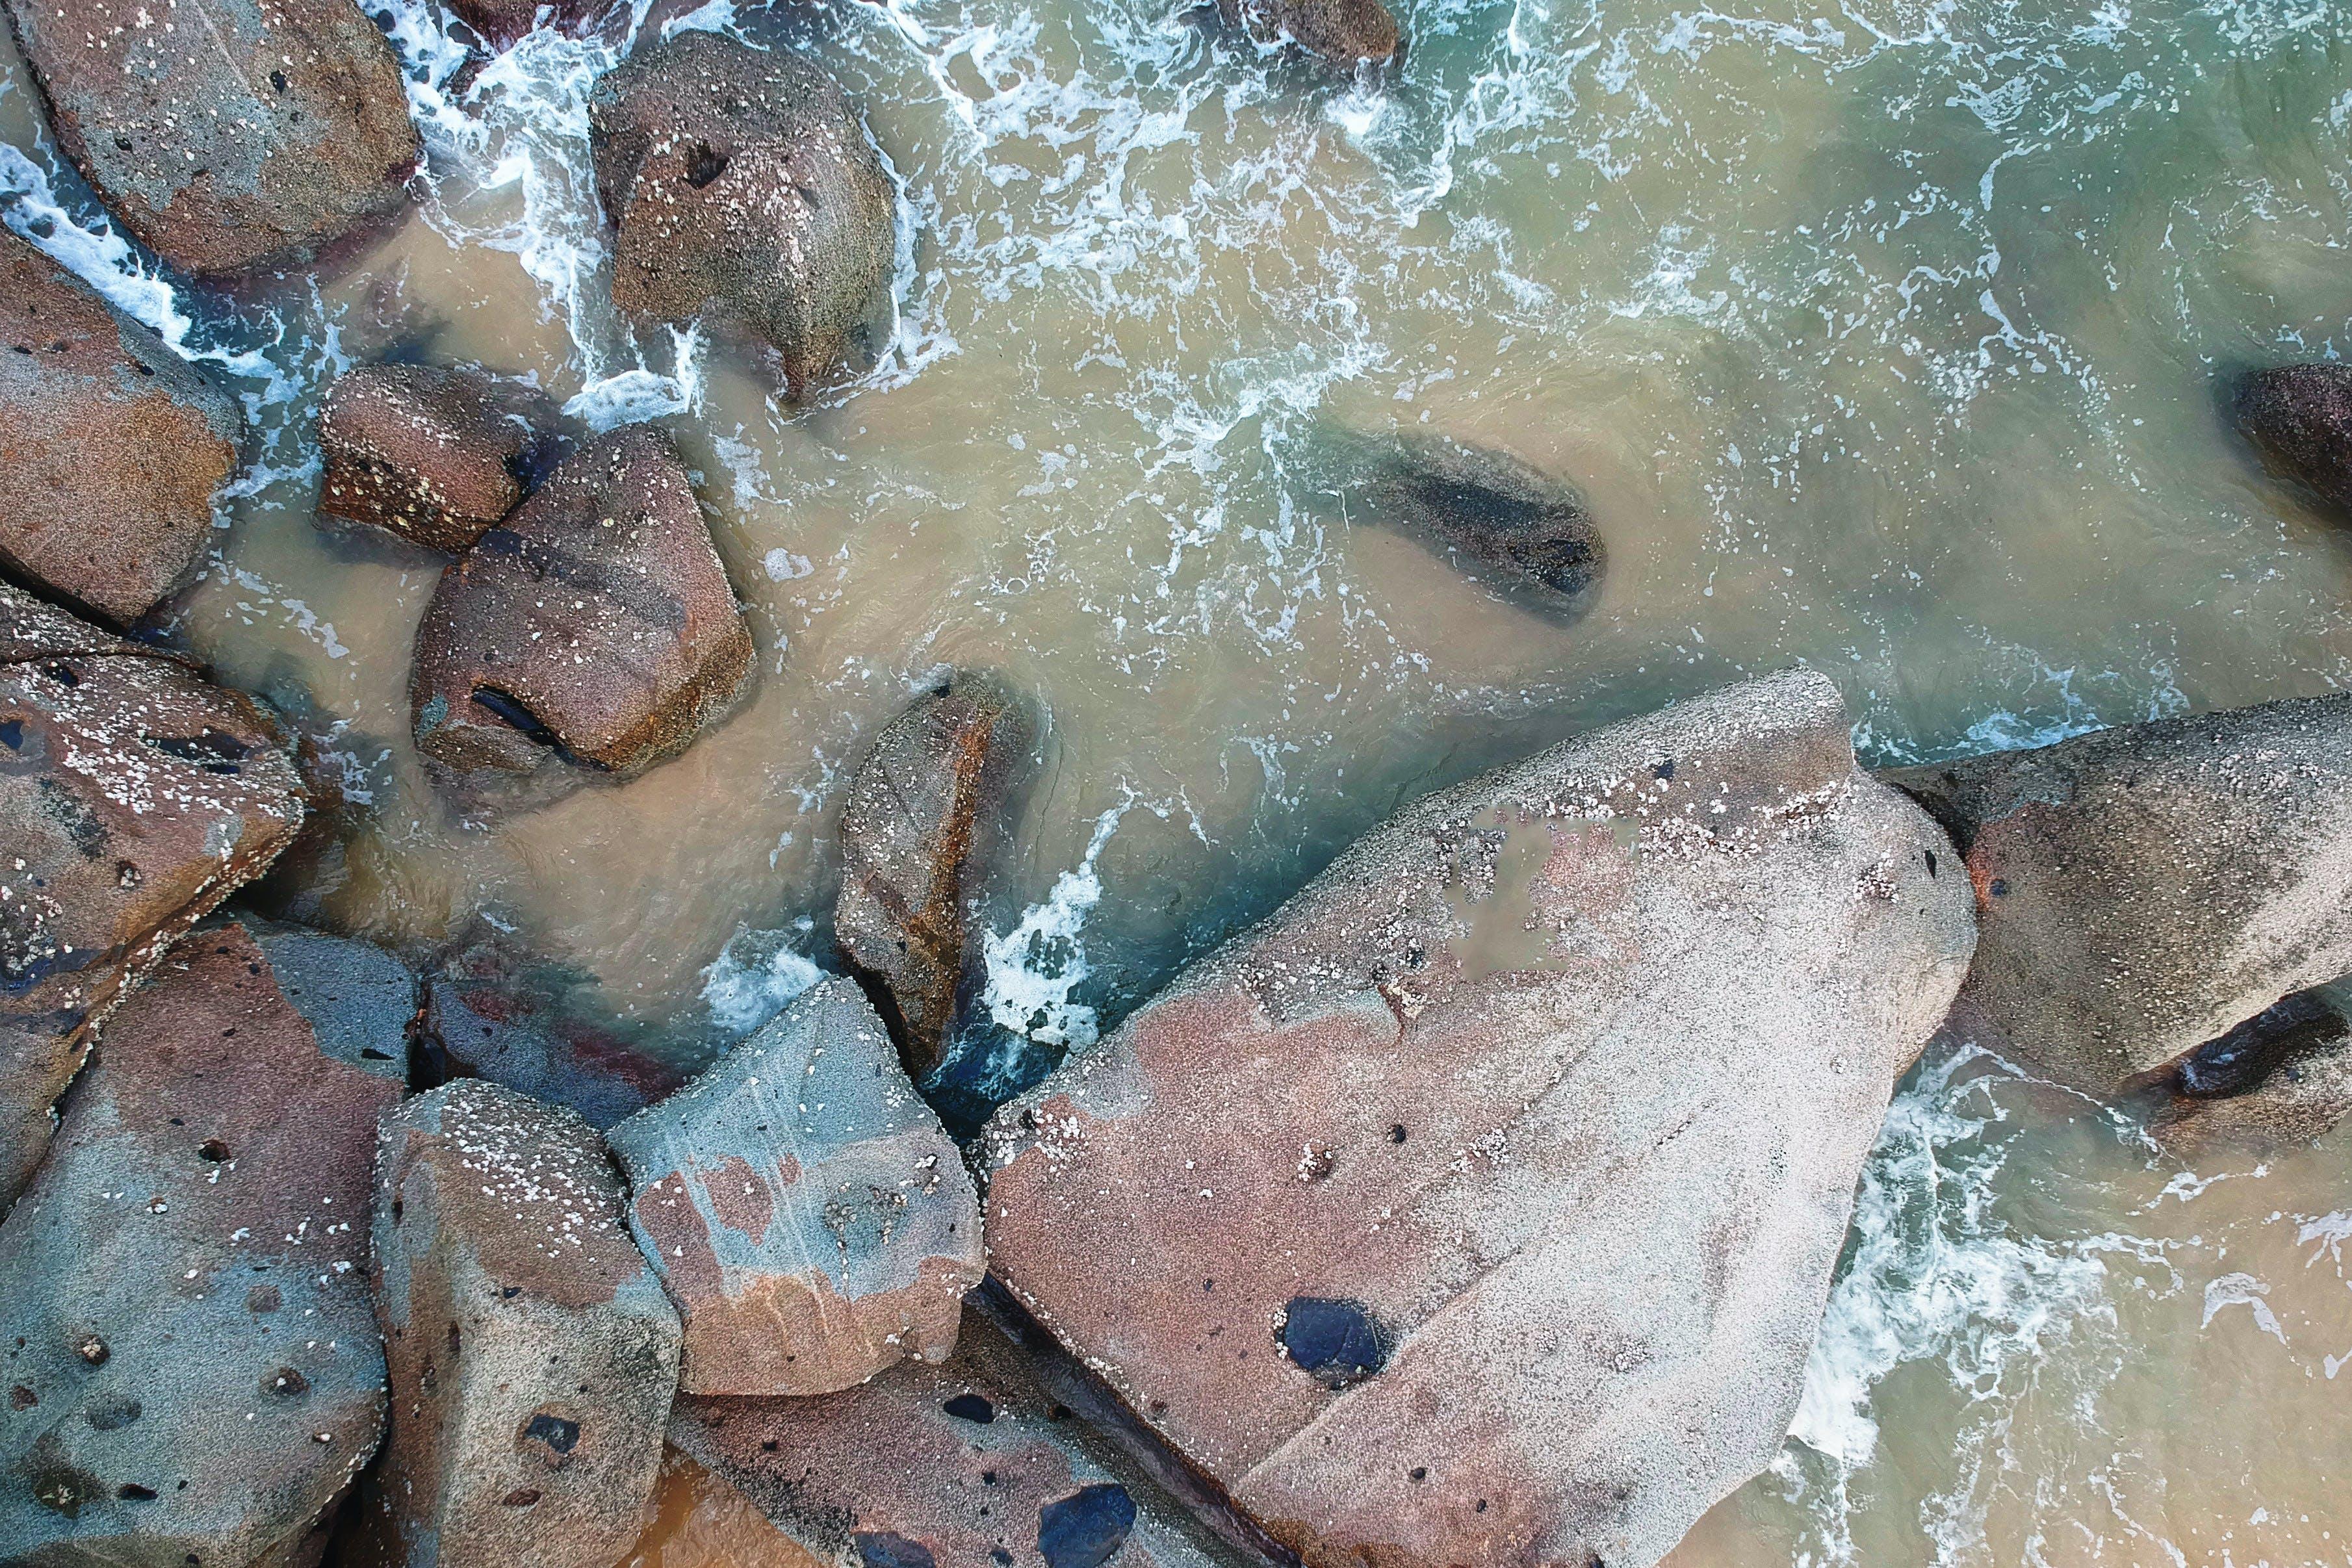 돌, 바다, 바위의 무료 스톡 사진